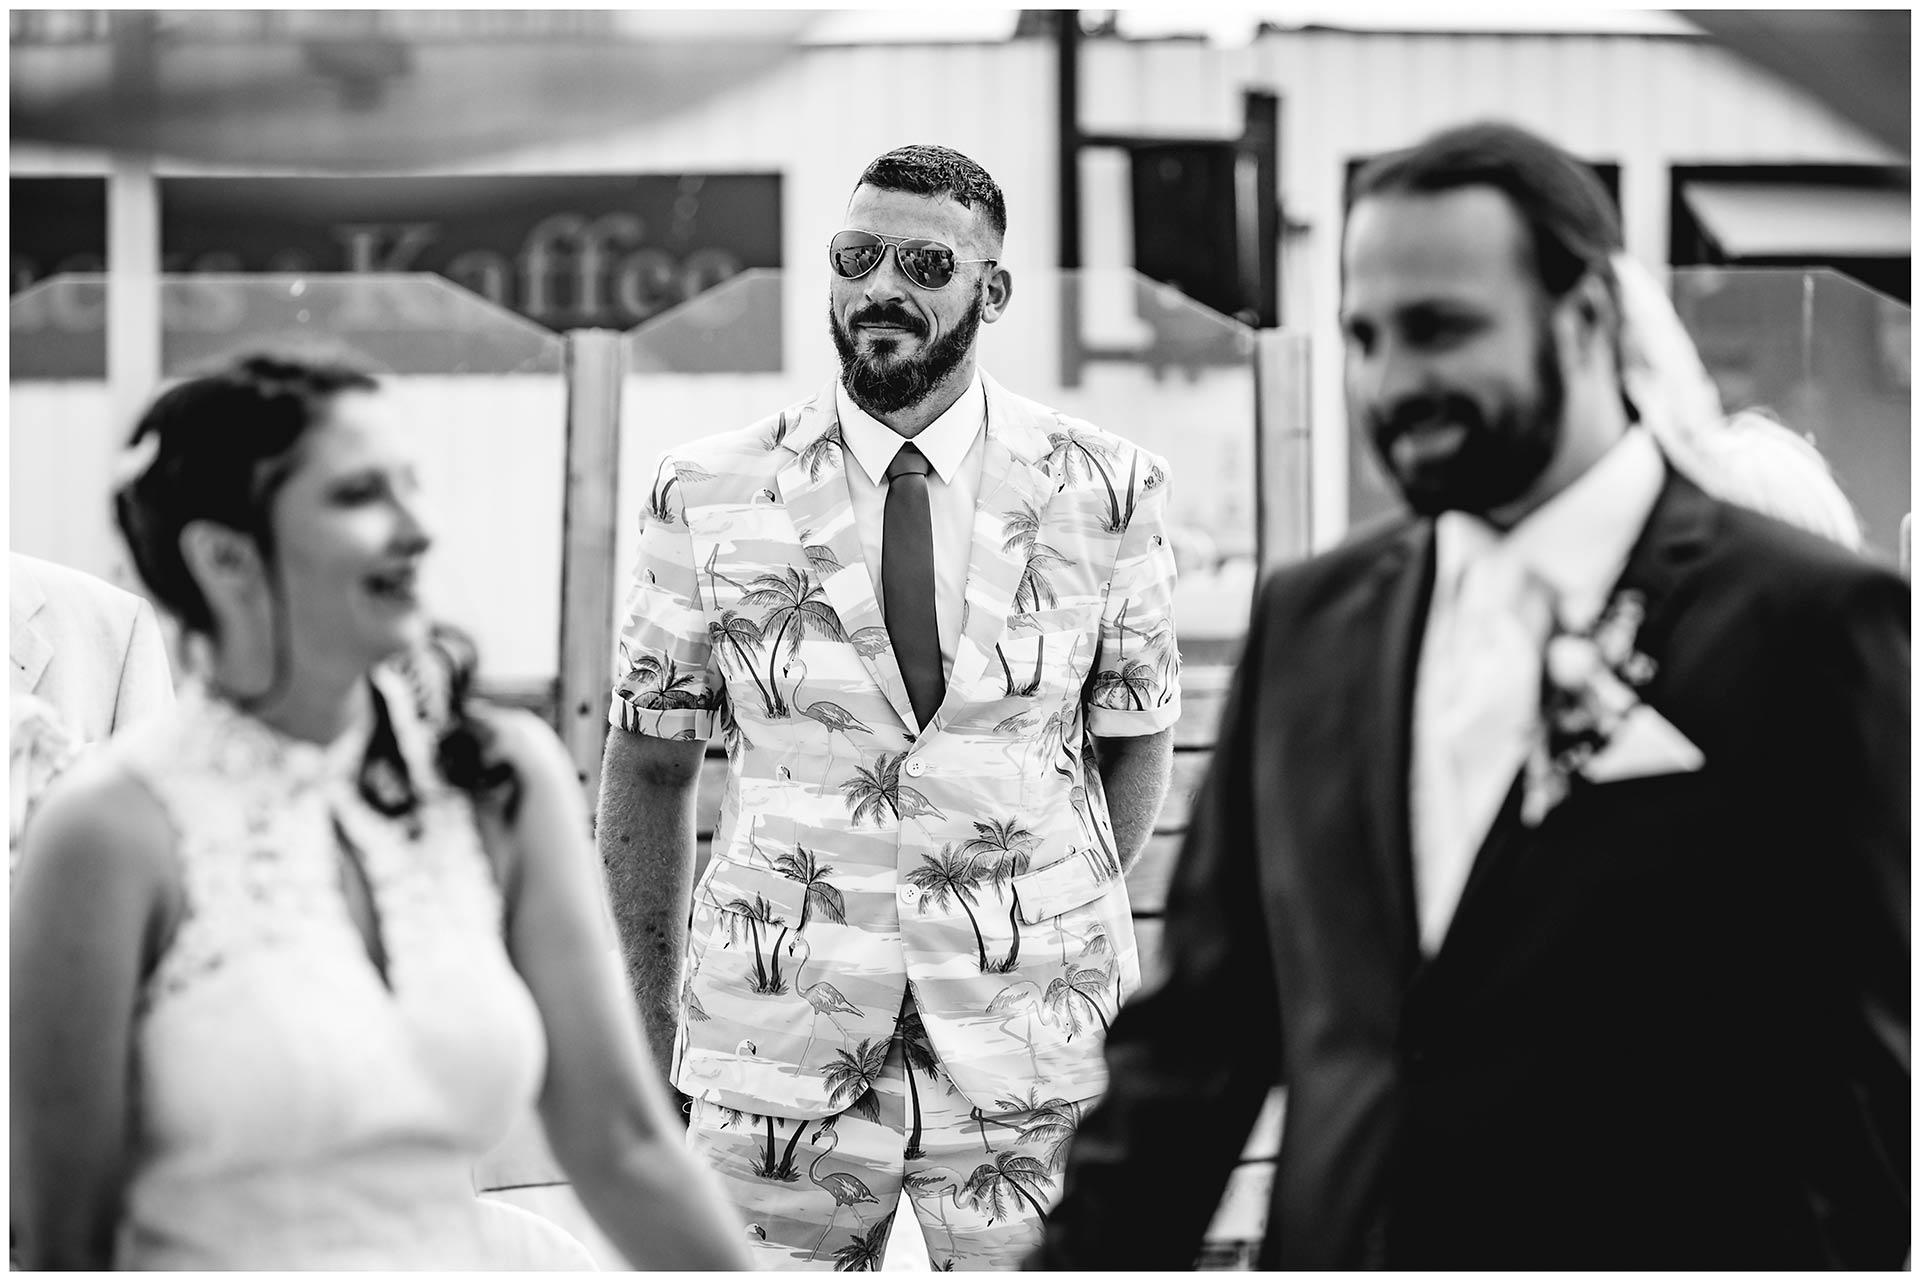 Bruder-der-Braut-steht-hinter-dem-Brautpaar-Hochzeit-am-Strand-Hochzeitsfotograf-Warnemuende-Hochzeitsfotograf-Rostock-Hochzeitsfotograf-Ostseebad-Warnemuende